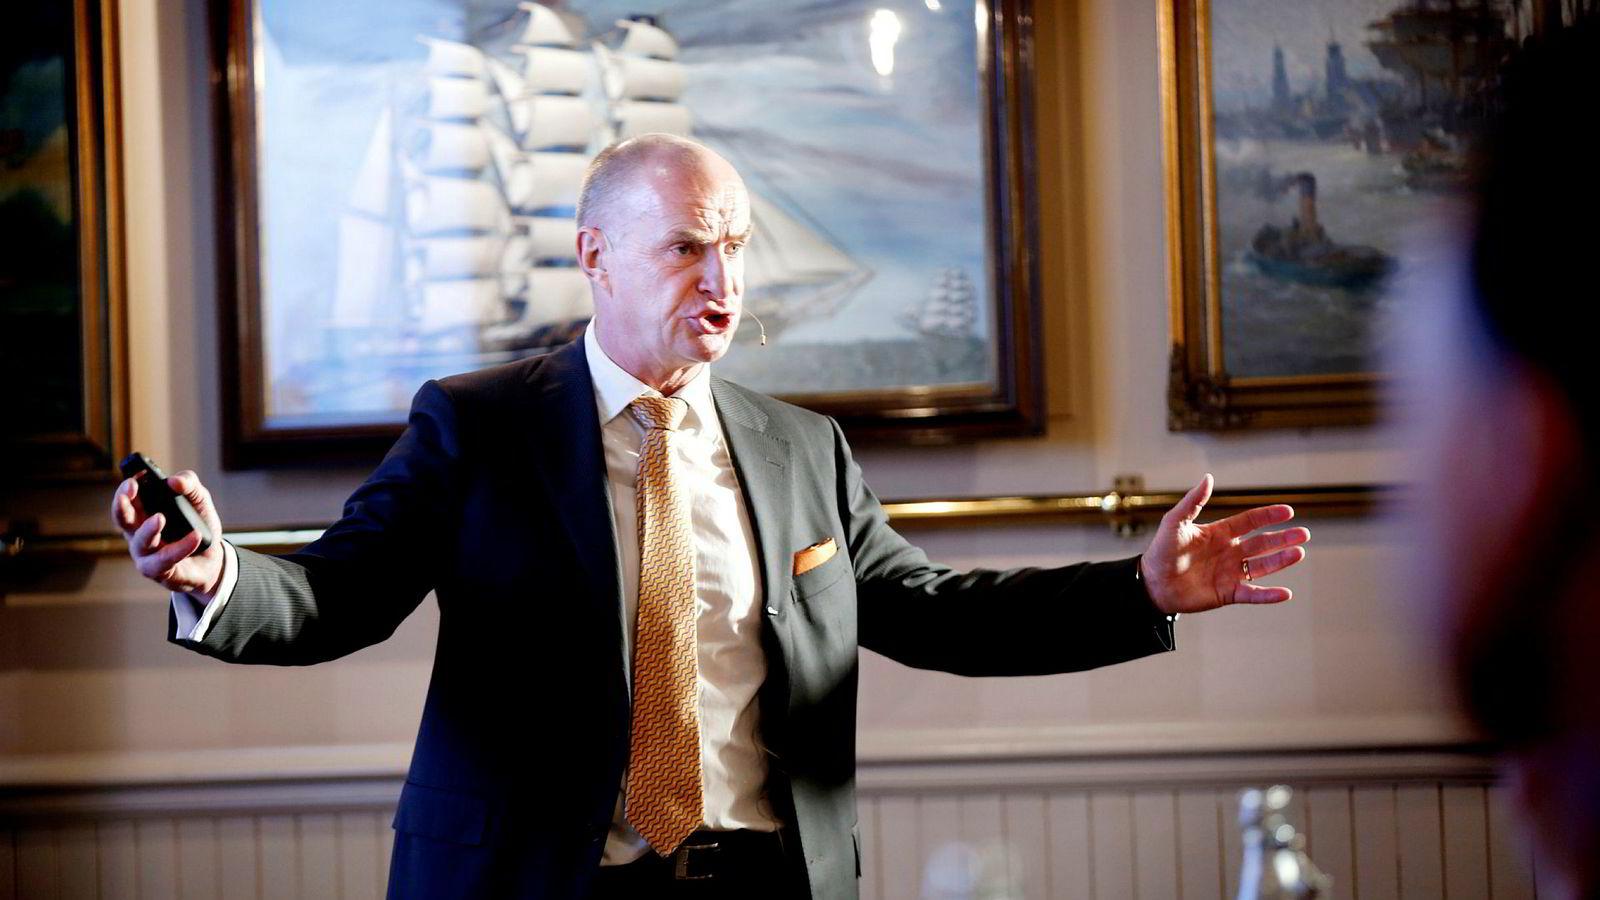 Protector Forsikring, her ved sjef Sverre Bjerkeli, får et overtredelsesgebyr på 400.000 kroner av Arbeidstilsynet. Det er 0,01 prosent av selskapets omsetning i fjor.